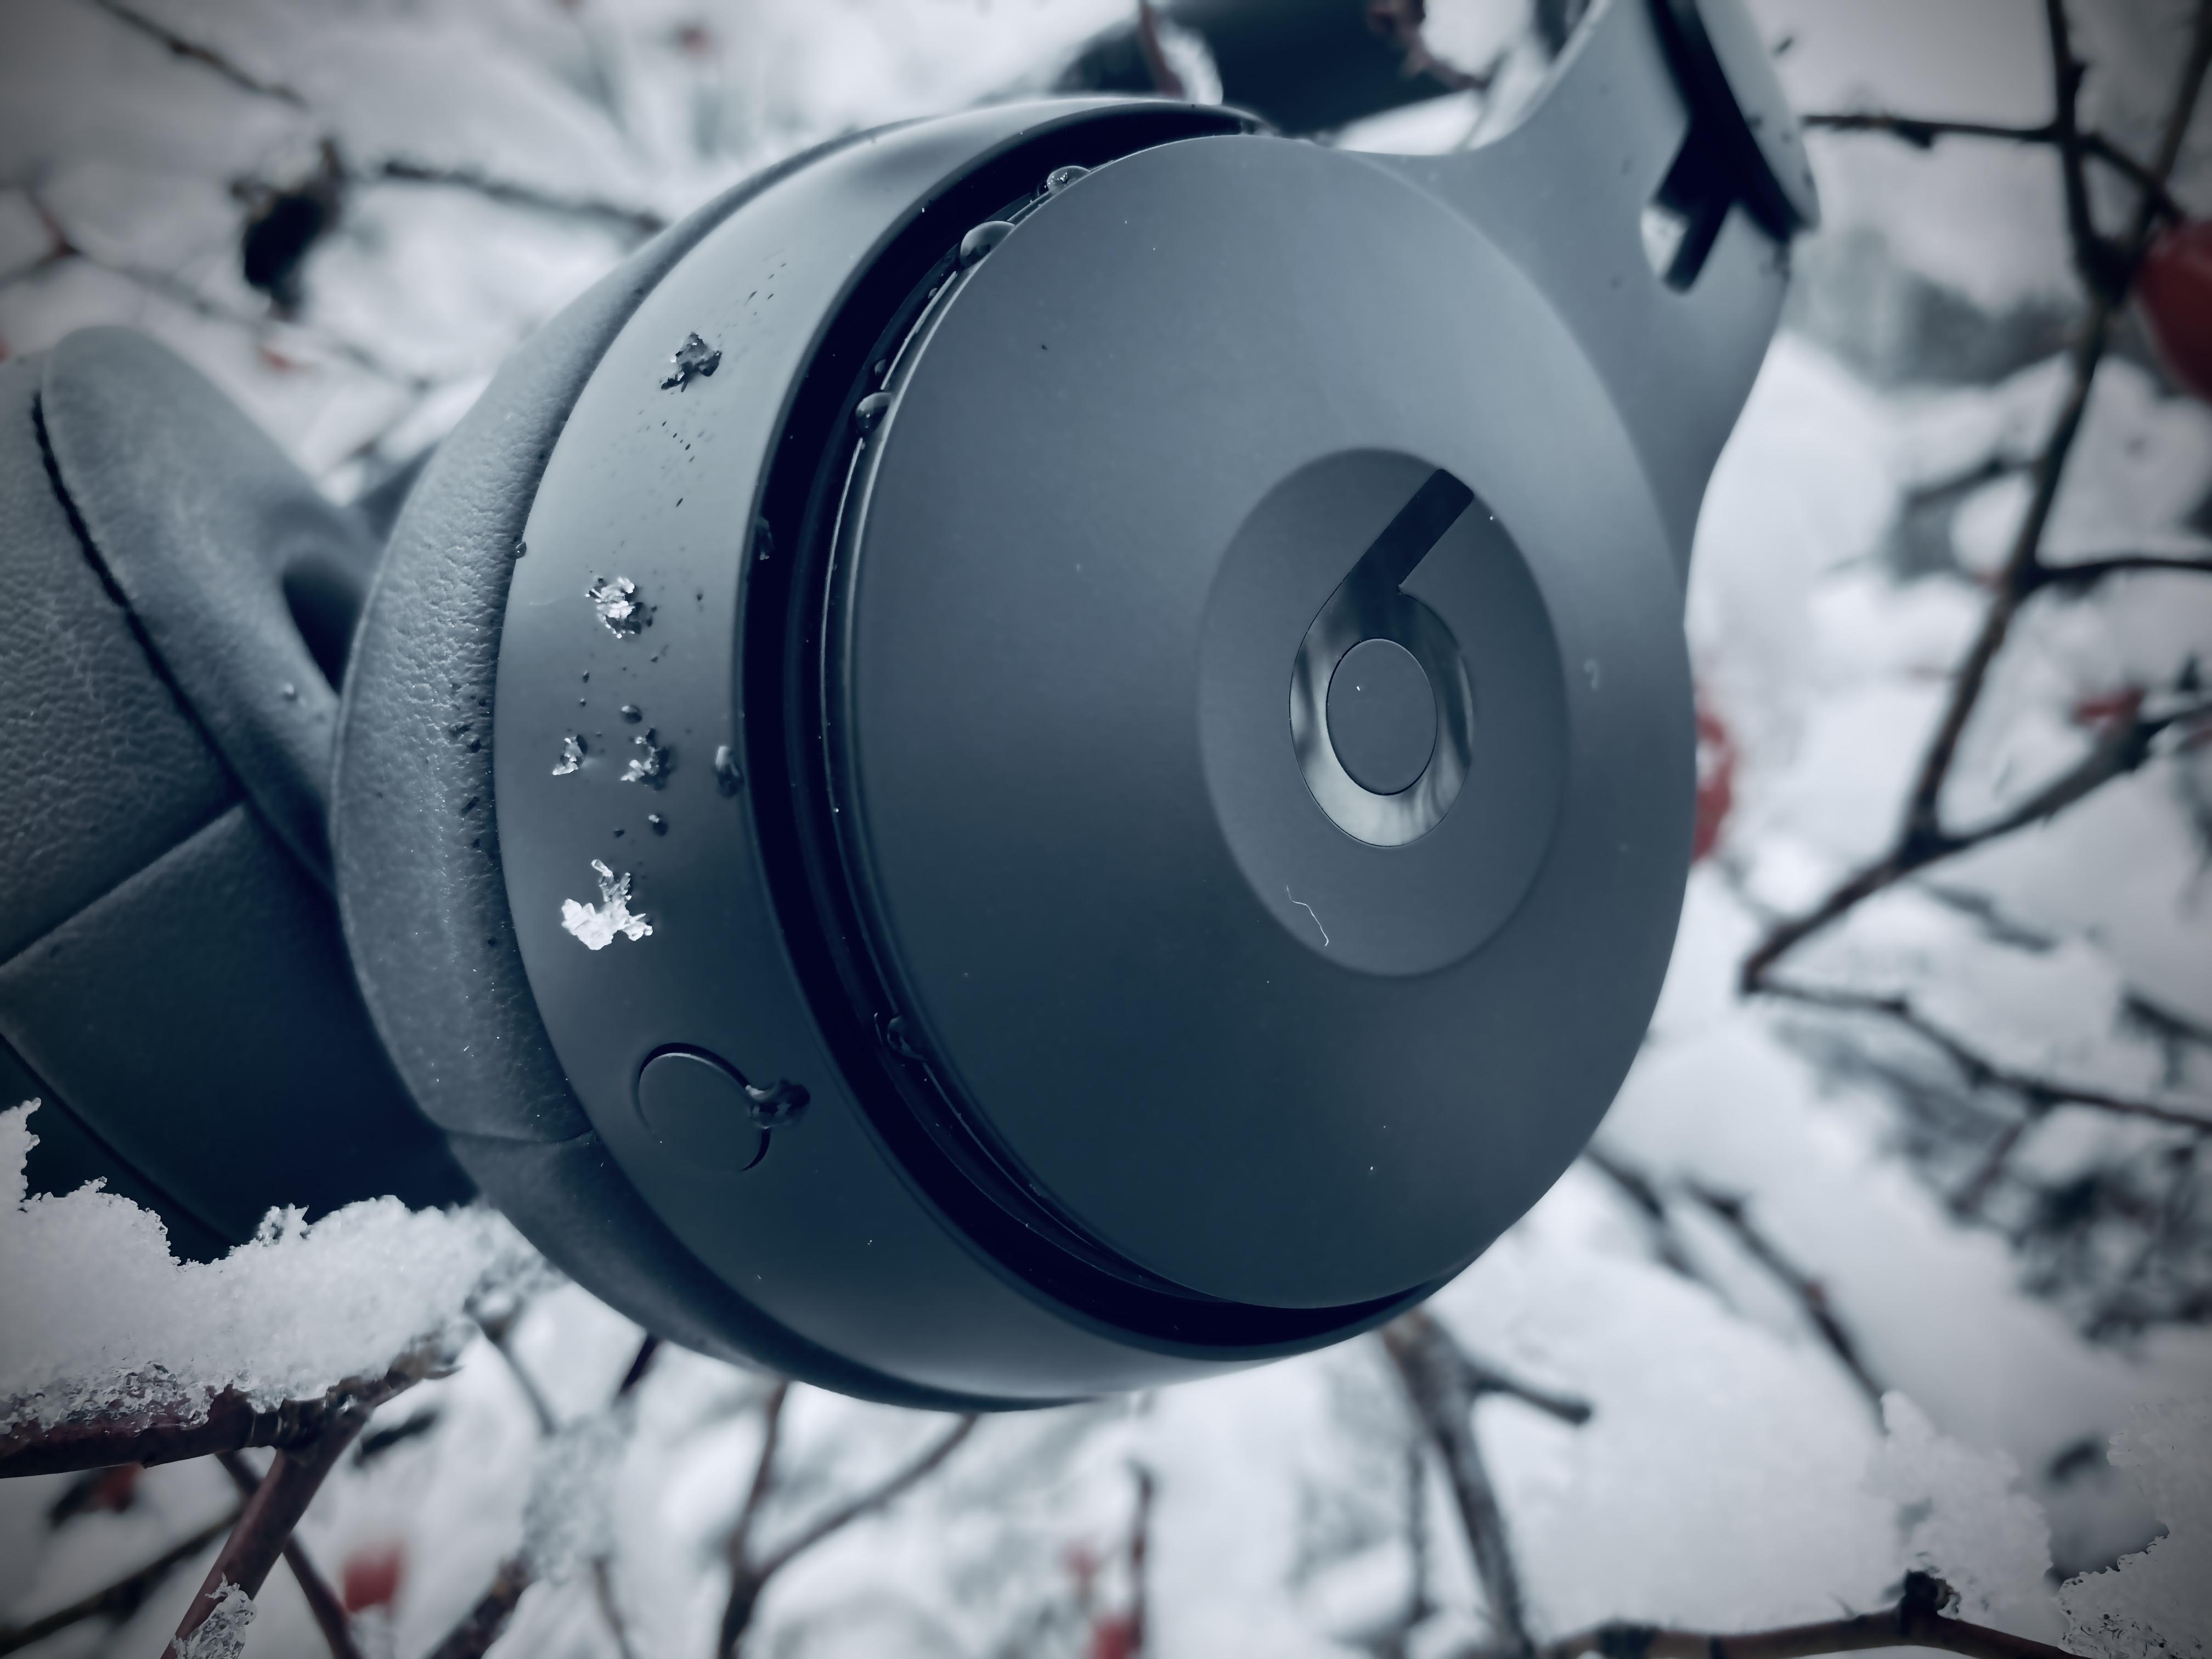 Ännu ett rykte om ett par egna Over-ear-hörlurar från Apple